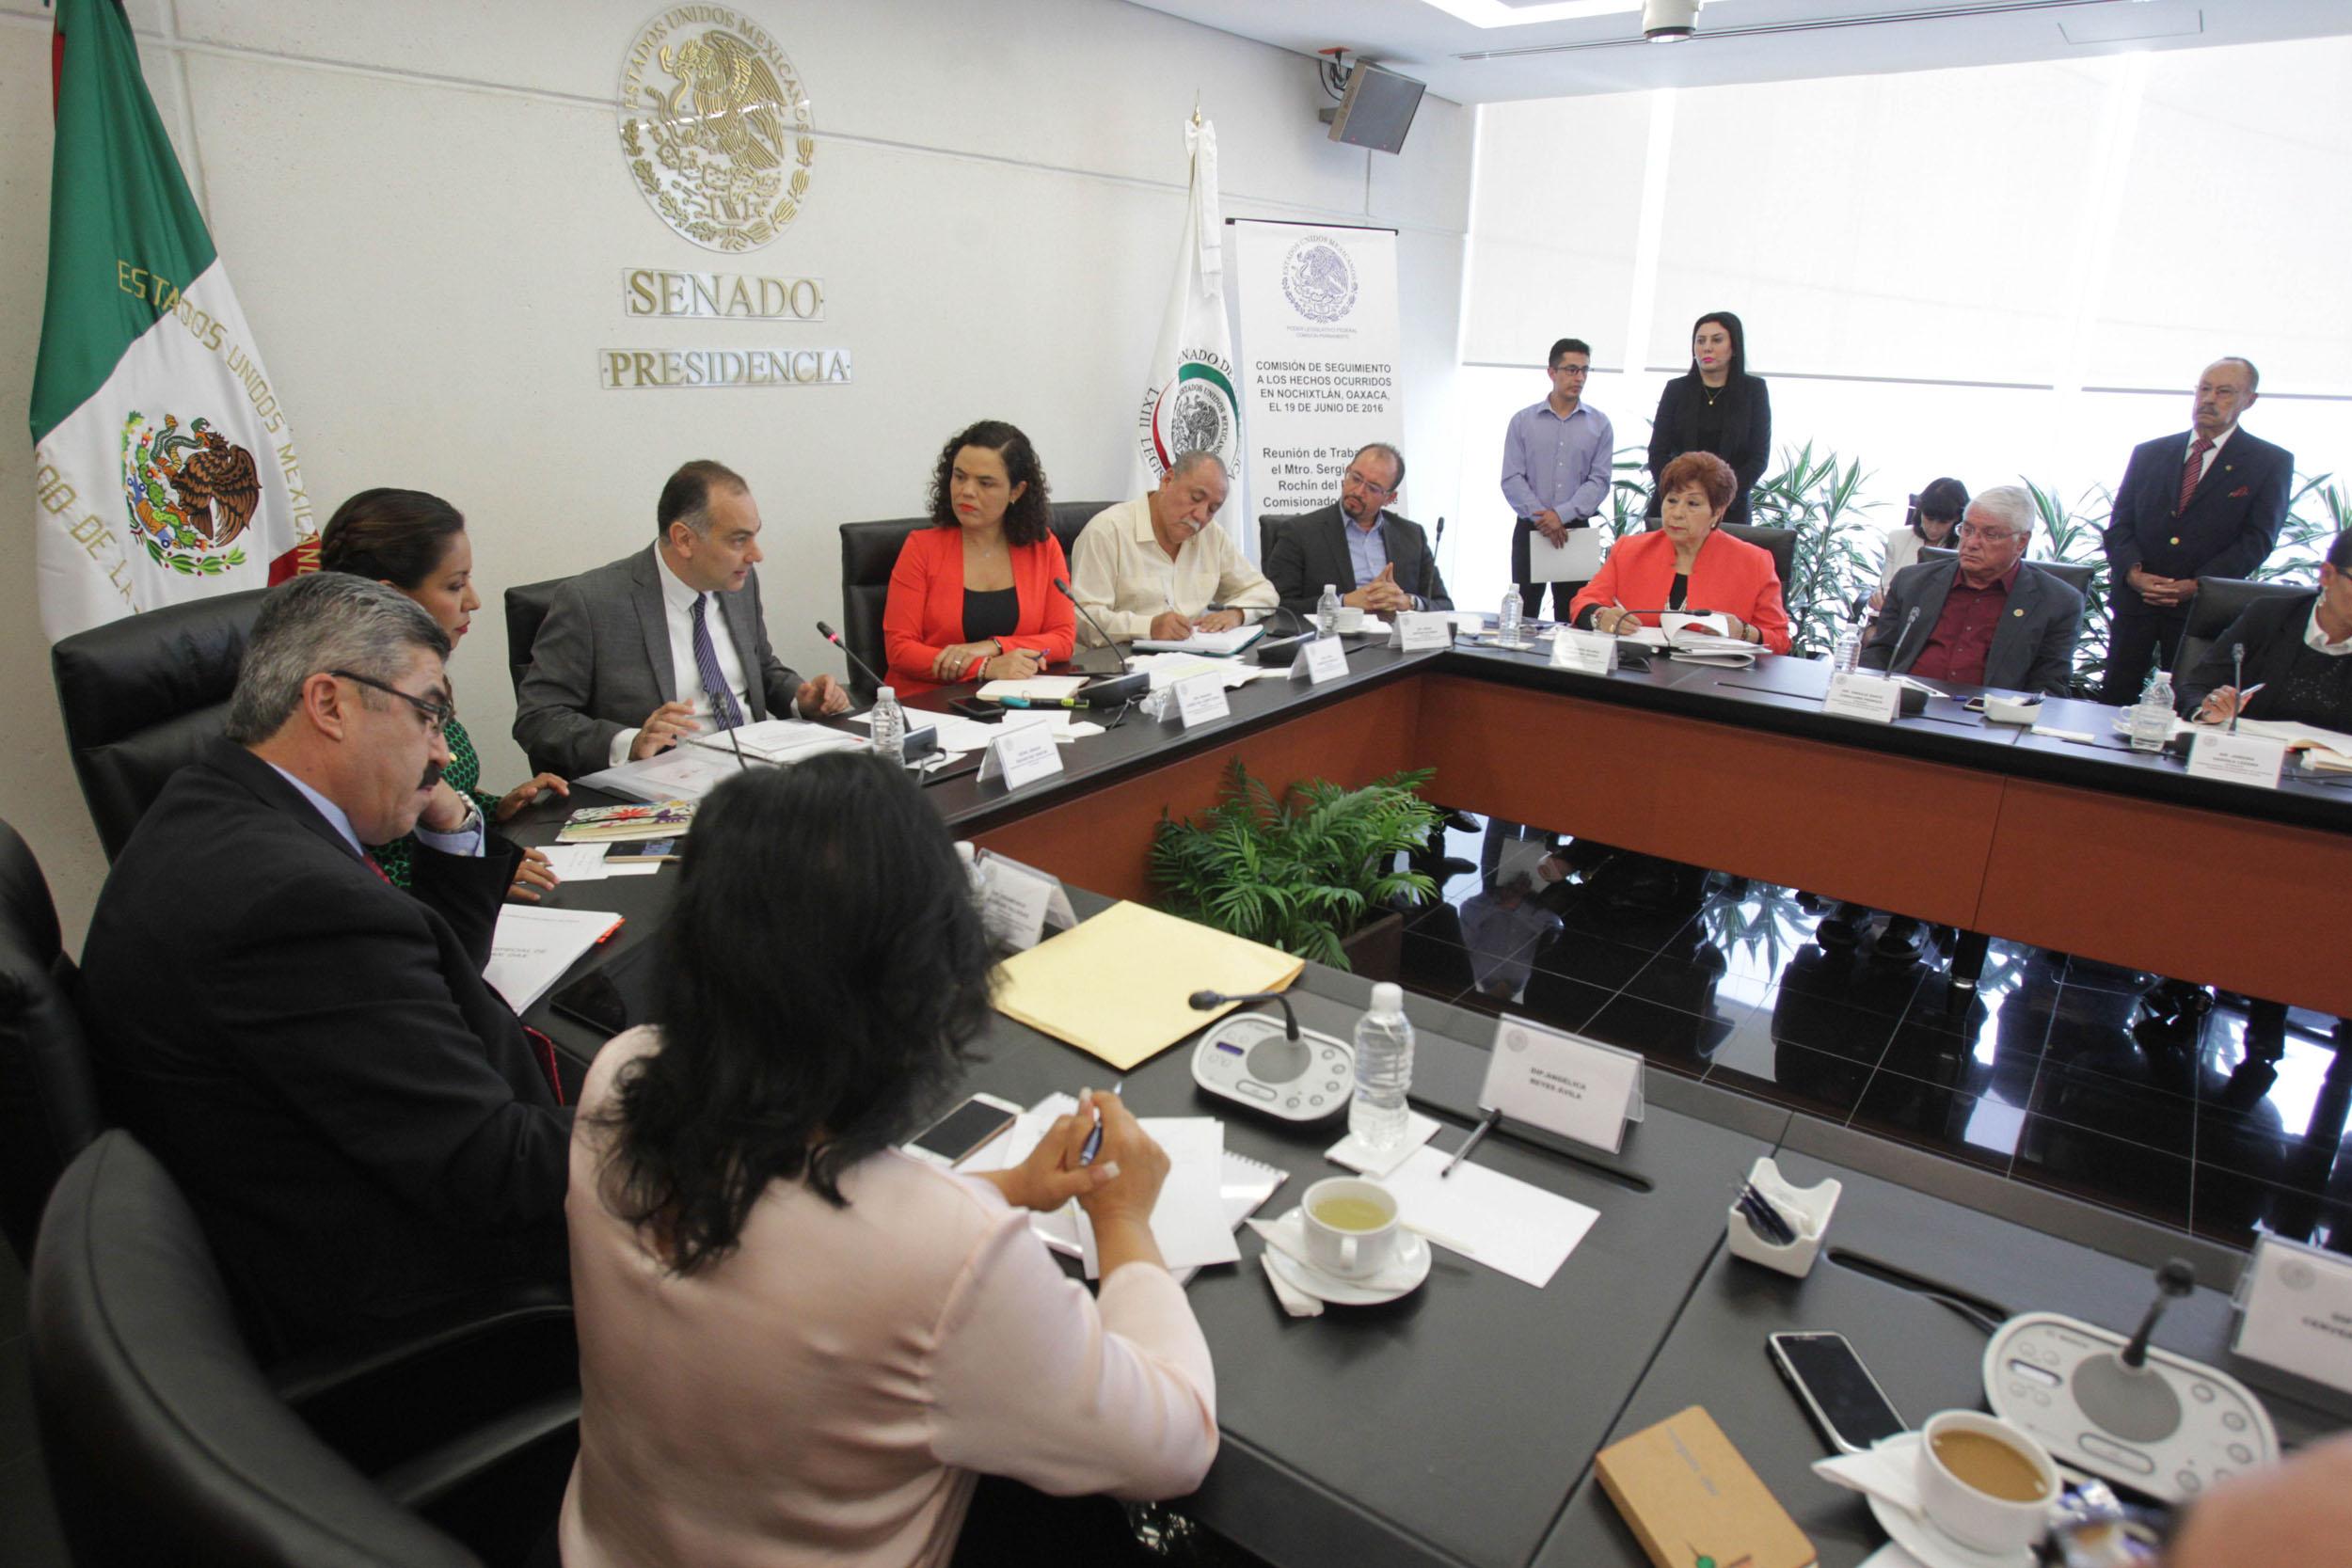 Legisladores analizarán cambios a la Ley General de Víctimas, anuncia senadora Mariana Gómez del Campo